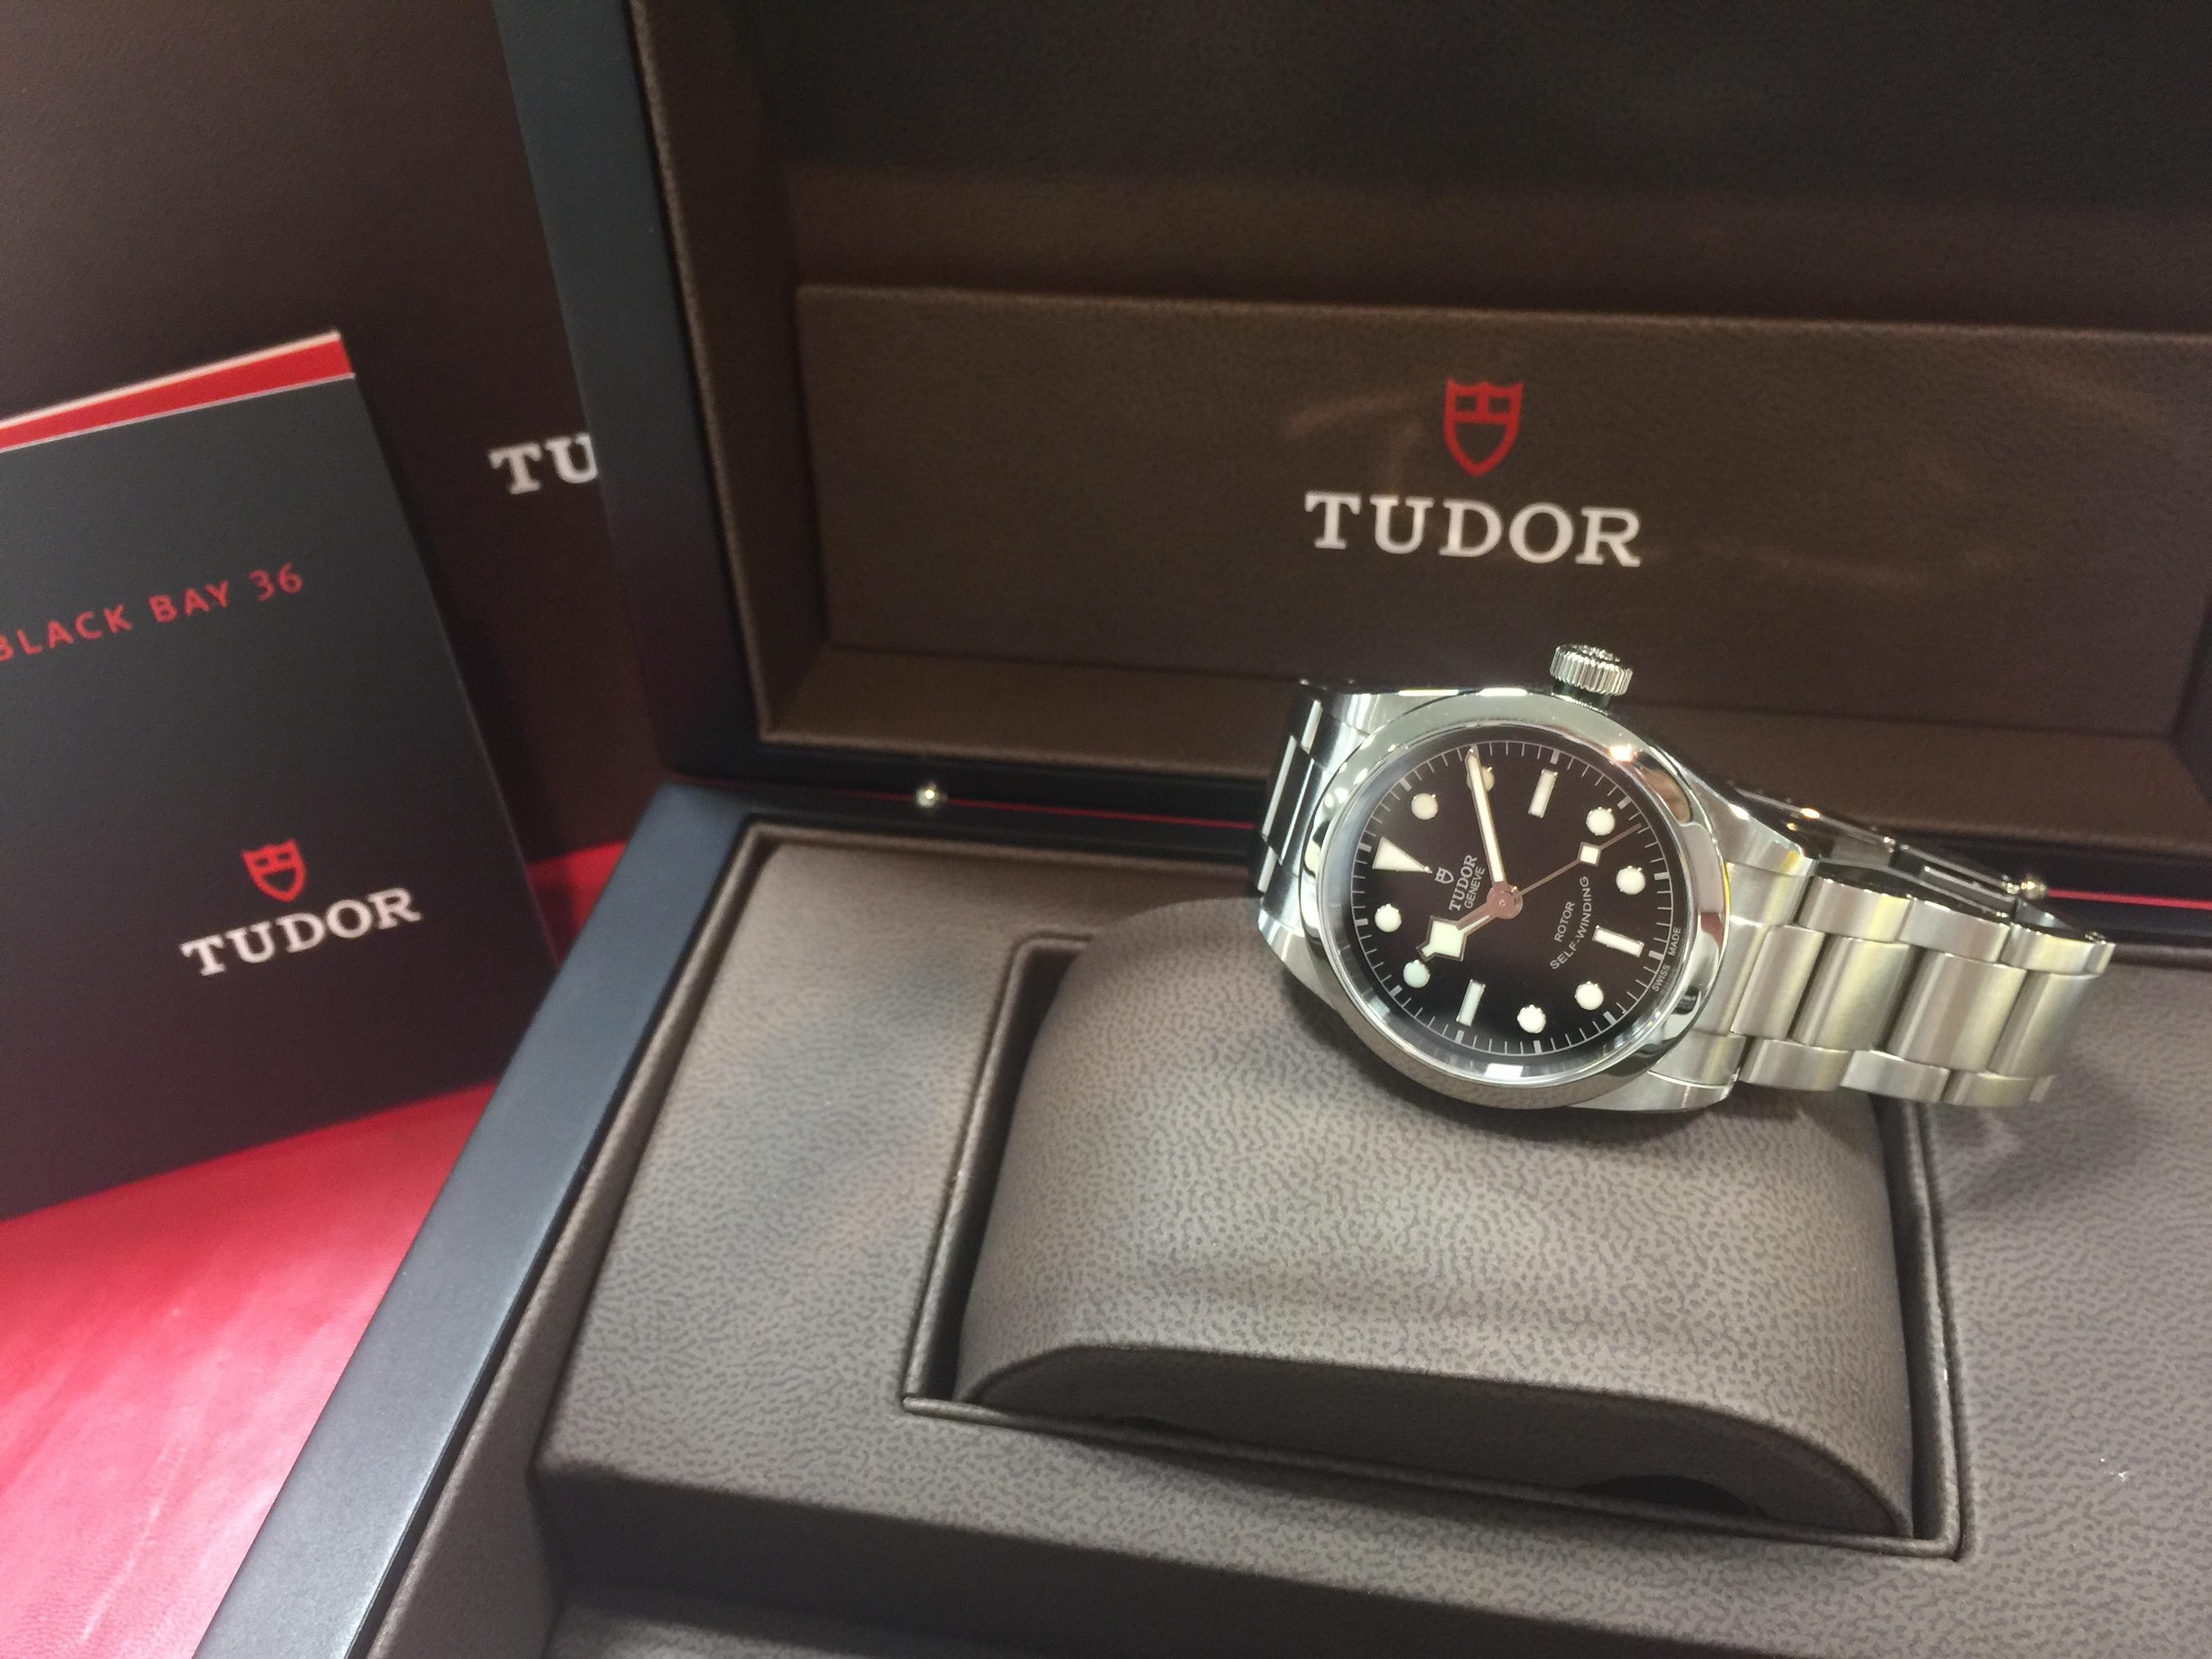 cheap for discount e08f6 1c47a チュードル TUDOR ブラックベイ 36 79500 | 時計の高価買取 ...